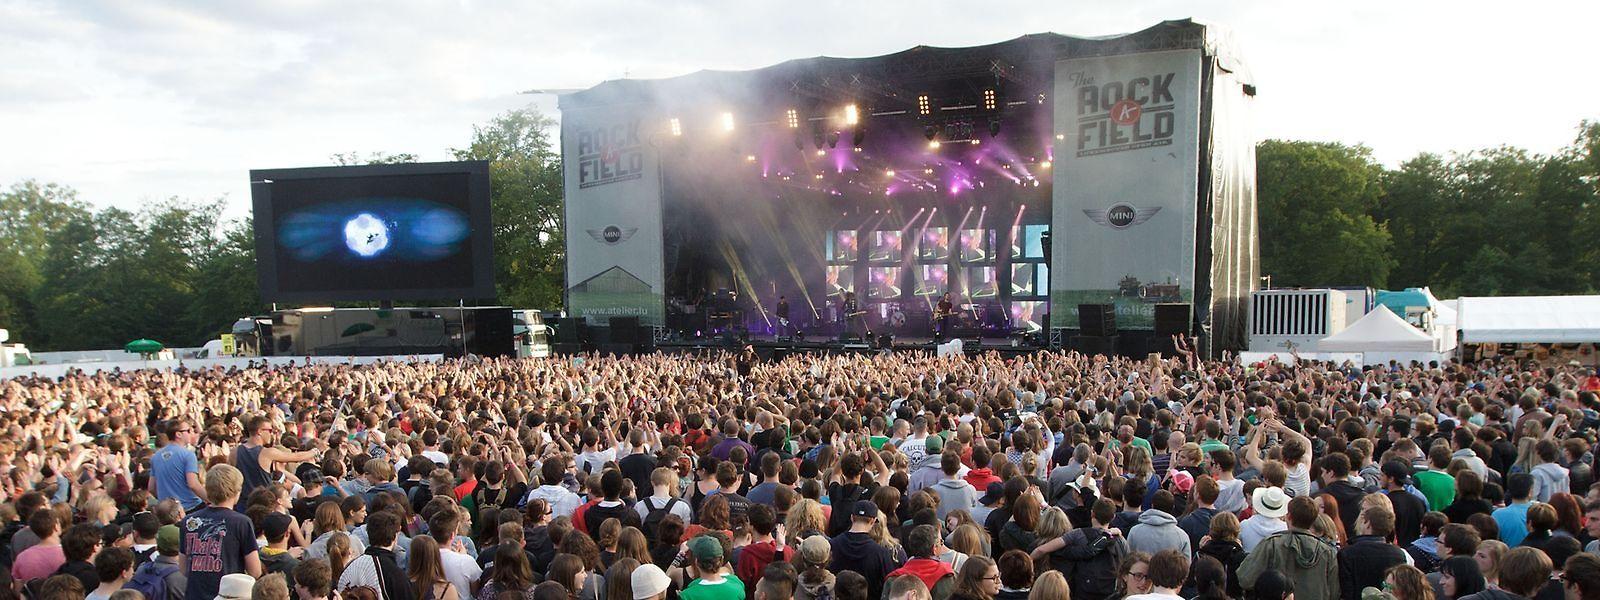 Comme sur cette photo datant de 2012, le Herchesfeld, à Roeser, fera le plein pour la venue de Rammstein.